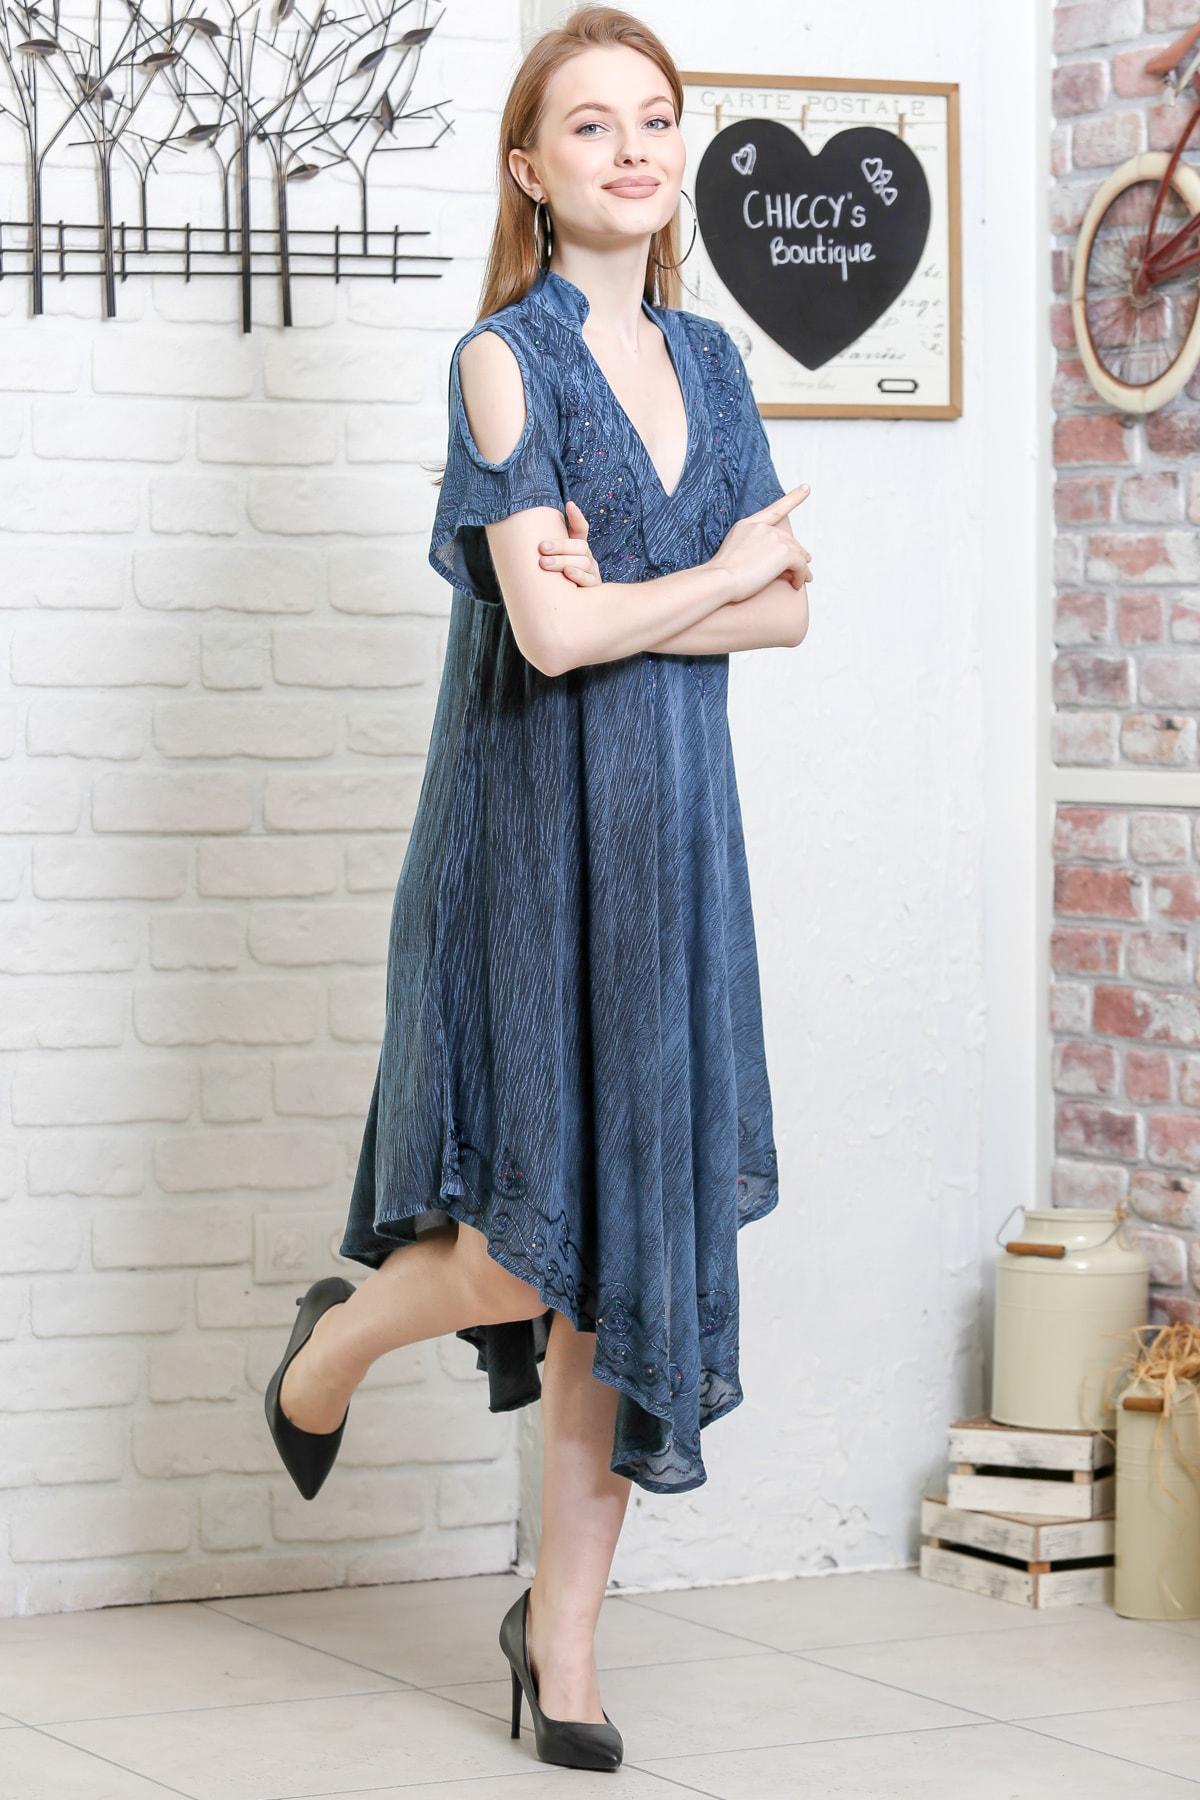 Chiccy Kadın Petrol Mavisi Batik Desenli Kısa Kol Dik Yaka Salaş Dokuma Elbise M10160000EL95153 1